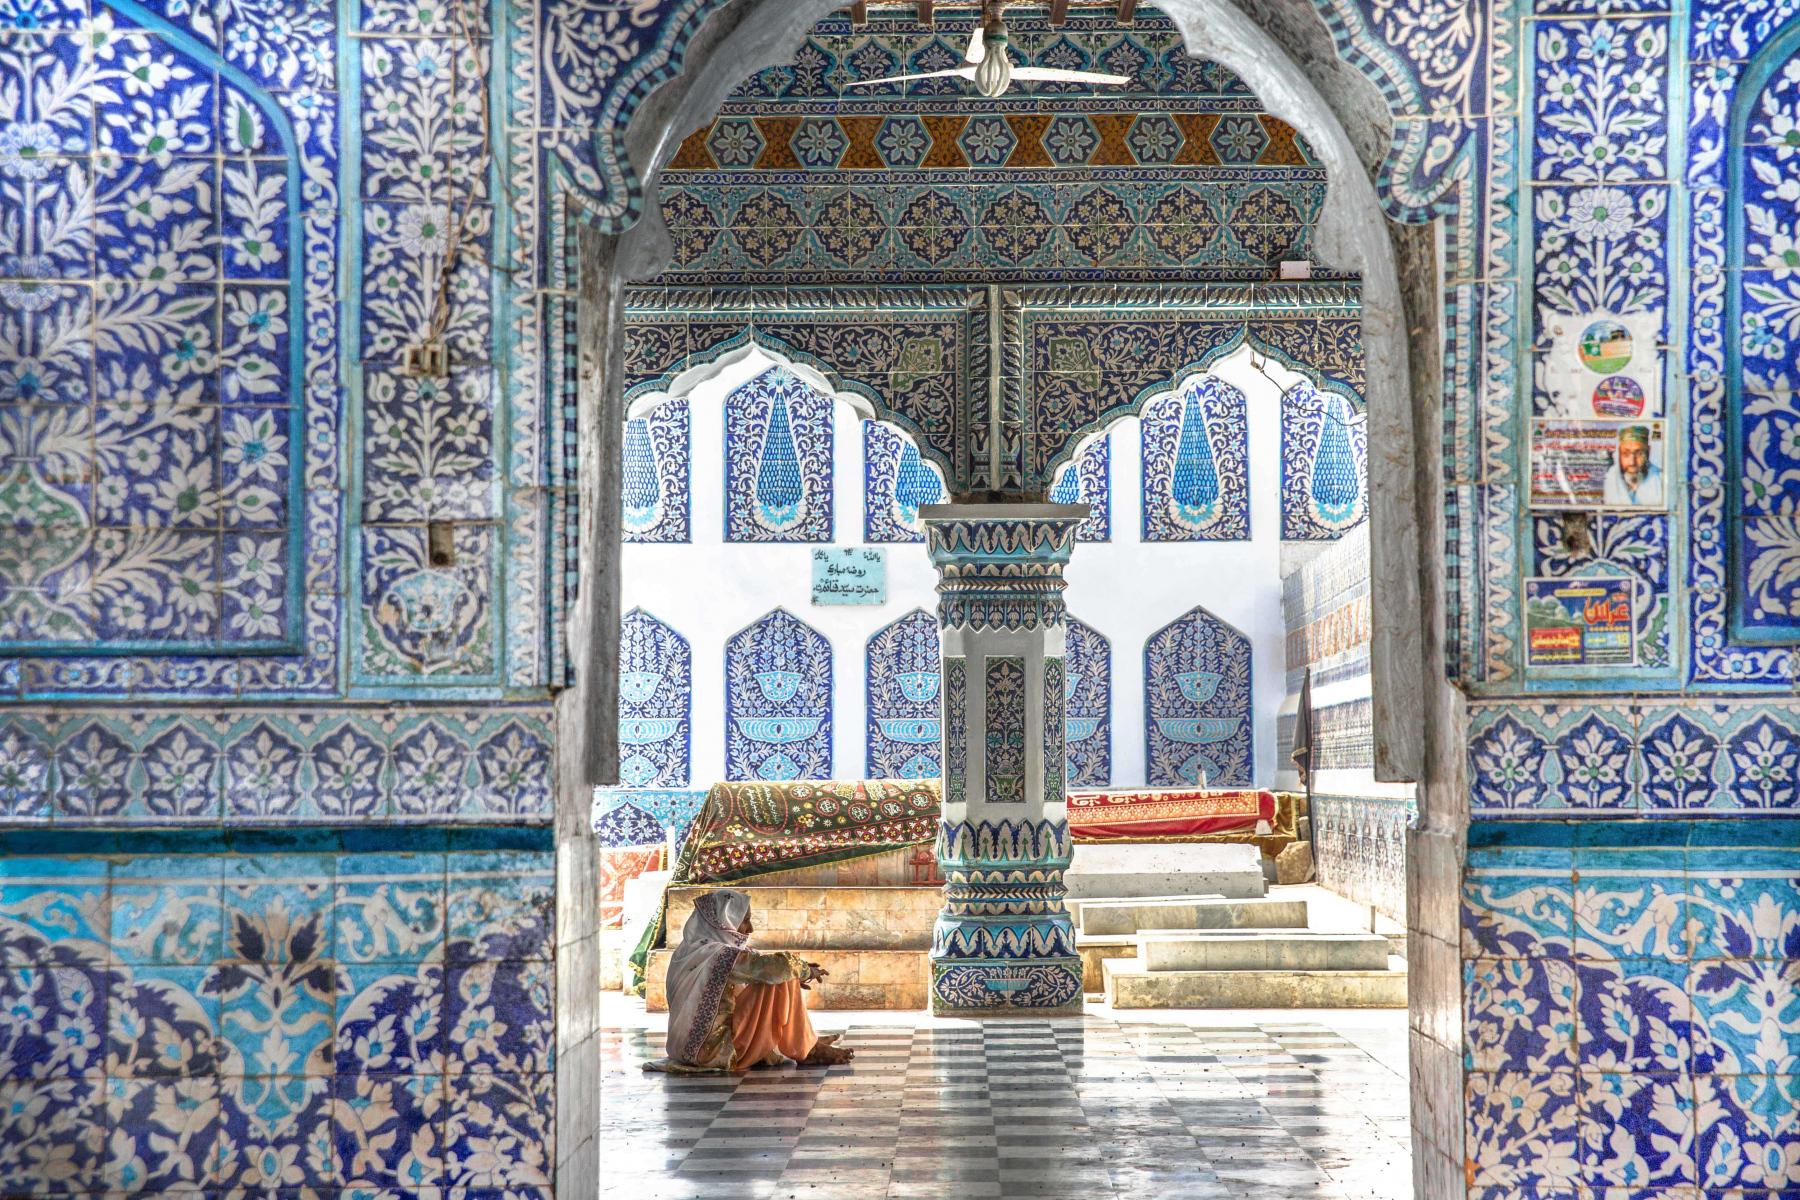 Femme assise dans l'une des cours du tombeau du fameux poète Abdul Shah Latif à Bhit Shah située à 10 kilomètres du fleuve Indus. Abadul Shah Latif a composé de nombreux poèmes qui rendent hommage au fleuve, inspirés de légendes populaires